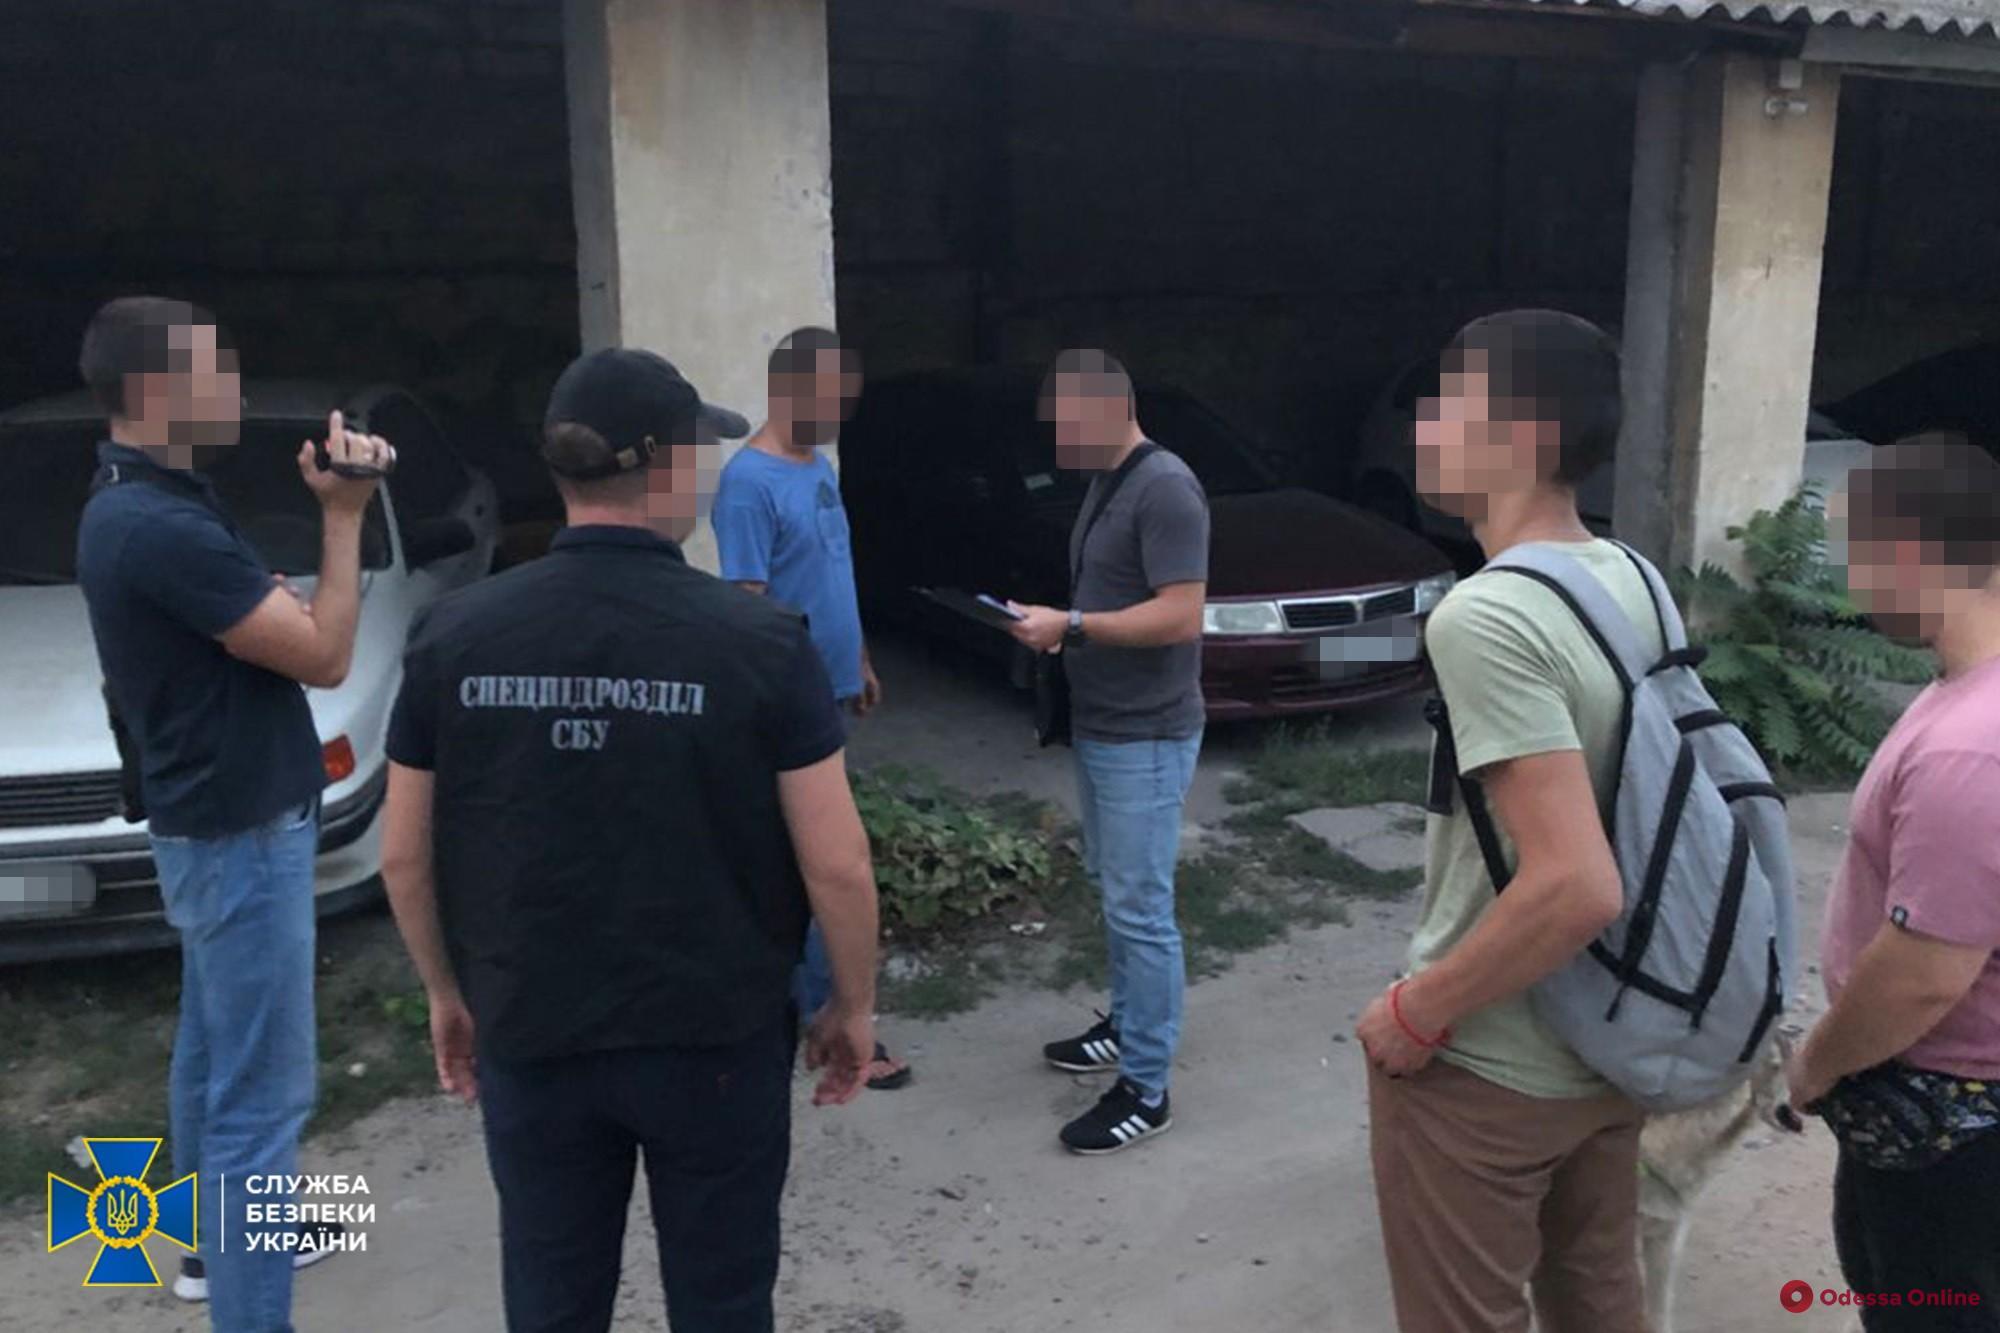 Жители Одесской области занимались контрабандой стероидов в США и страны Евросоюза